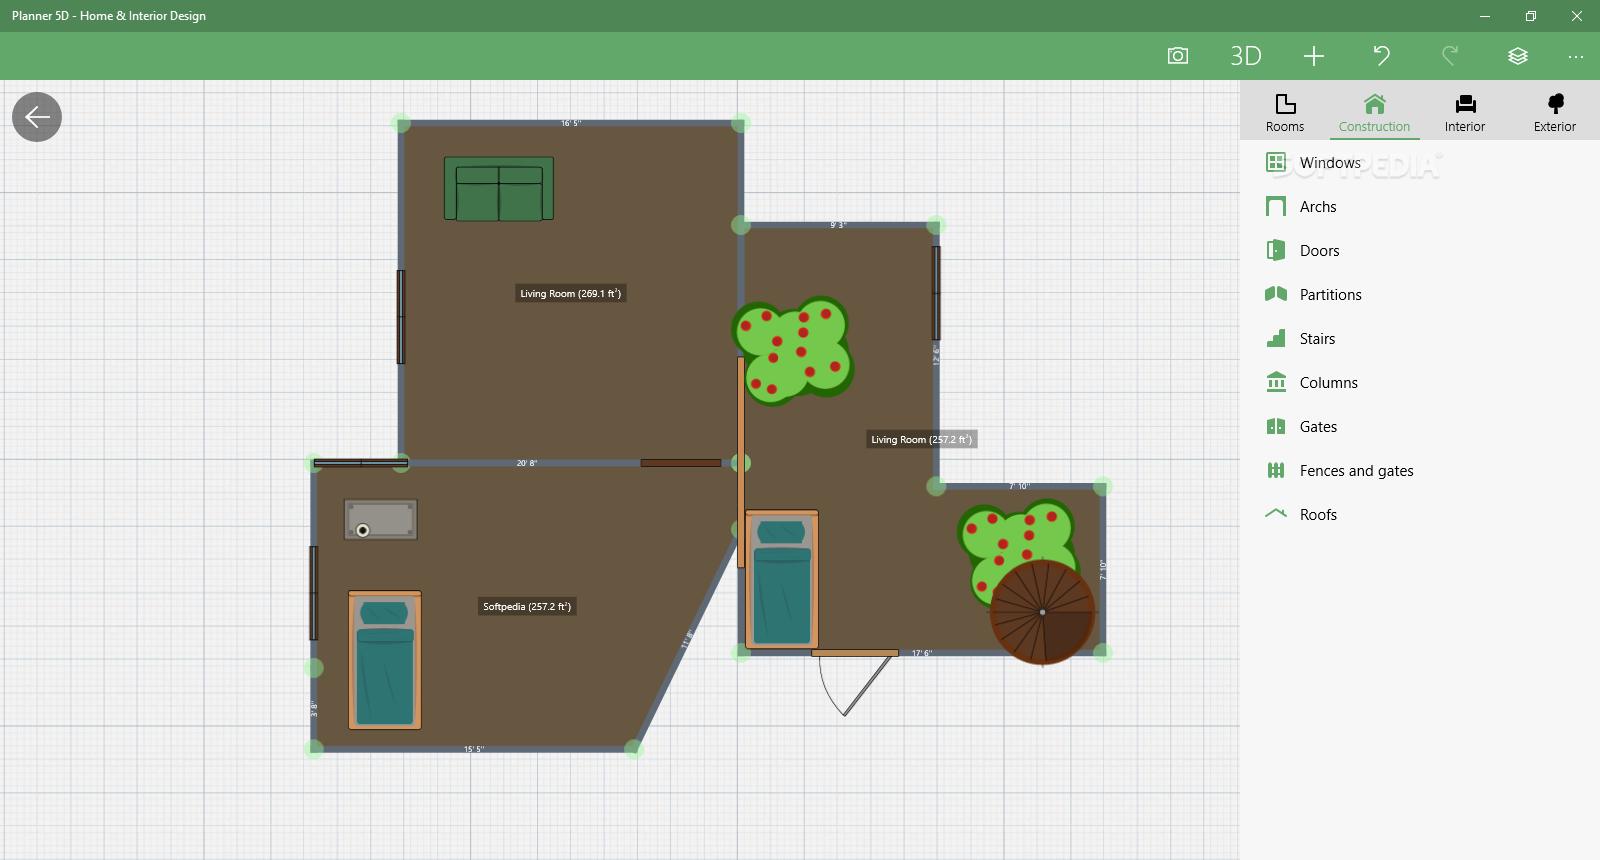 download planner 5d home interior design 1